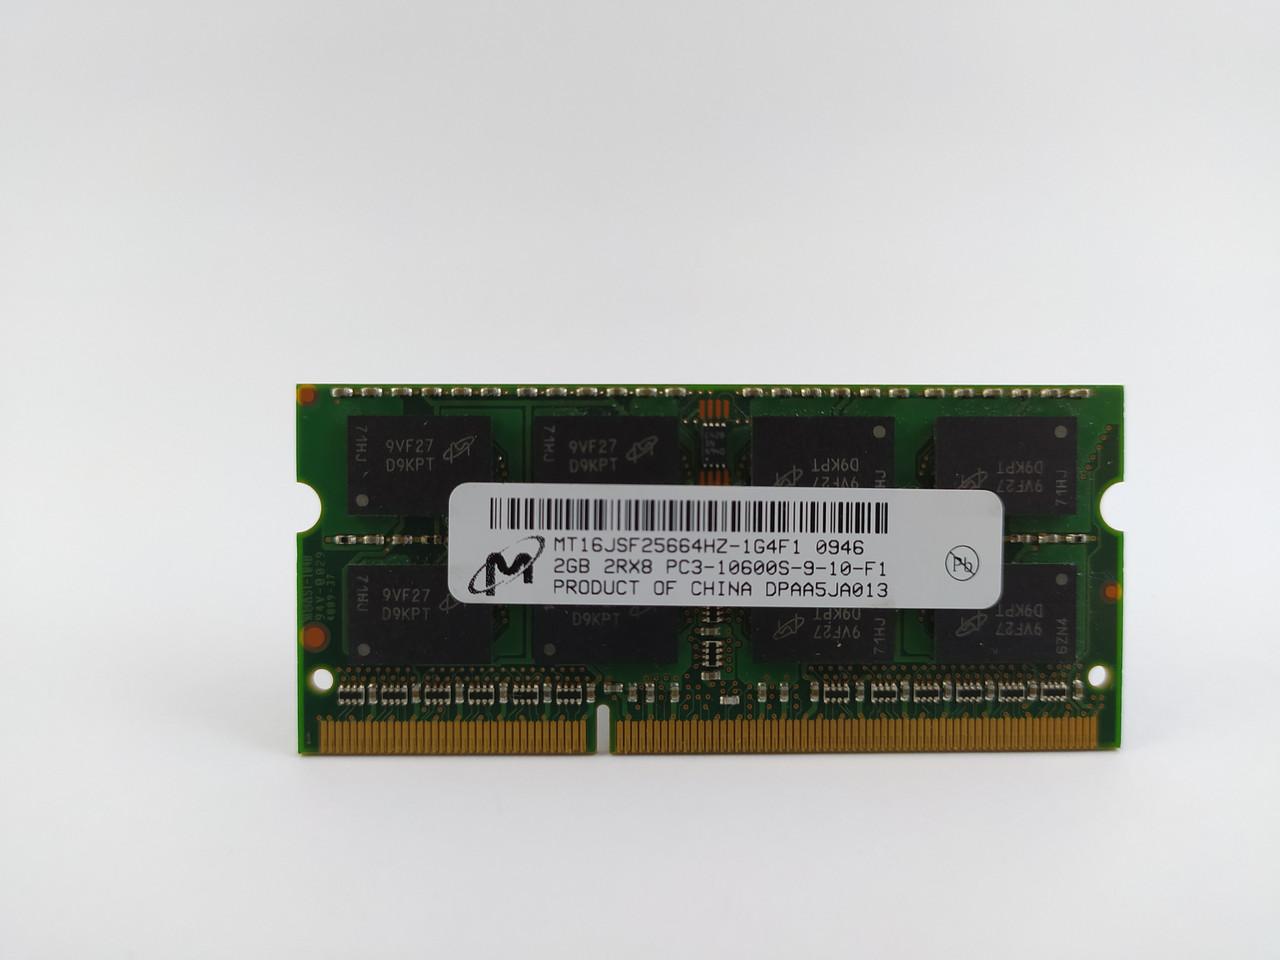 Оперативная память для ноутбука SODIMM Micron DDR3 2Gb 1333MHz PC3-10600S (MT16JSF25664HZ-1G4F1) Б/У